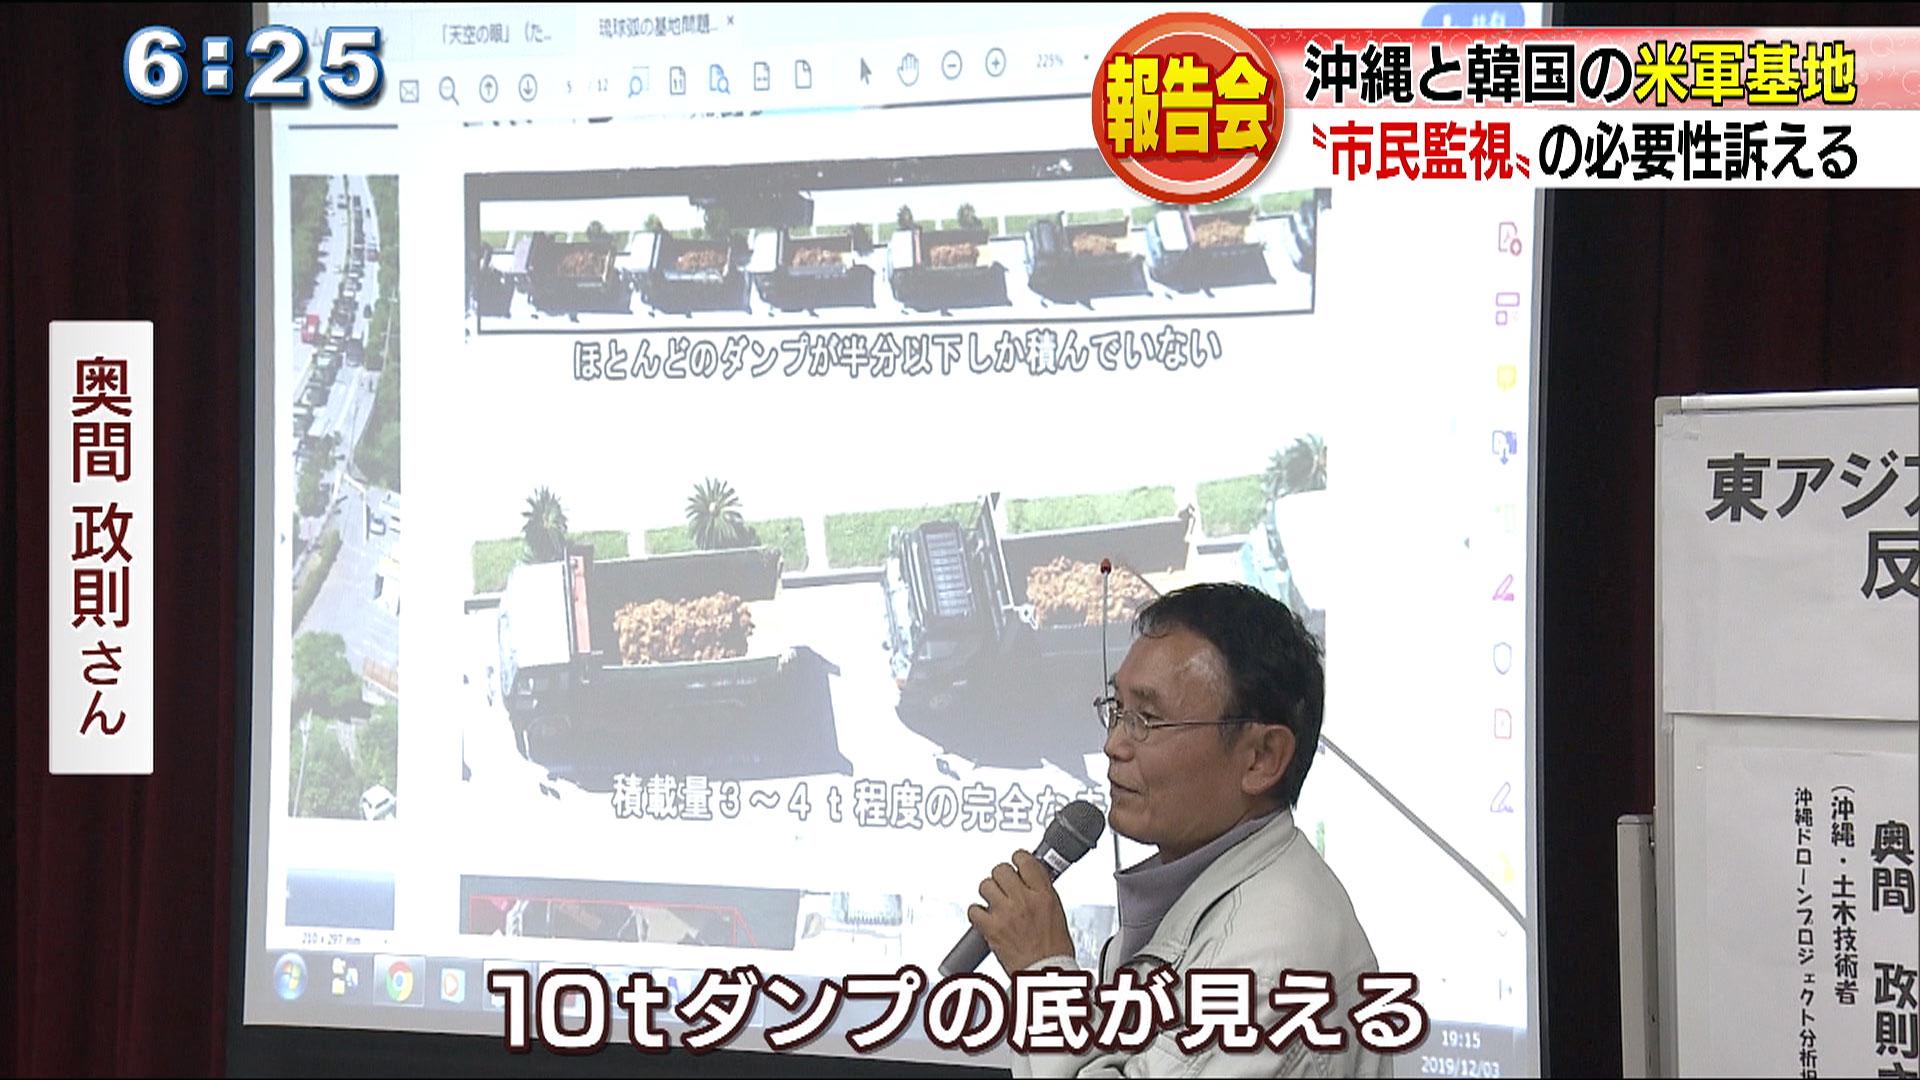 沖縄と韓国 米軍基地現状報告会